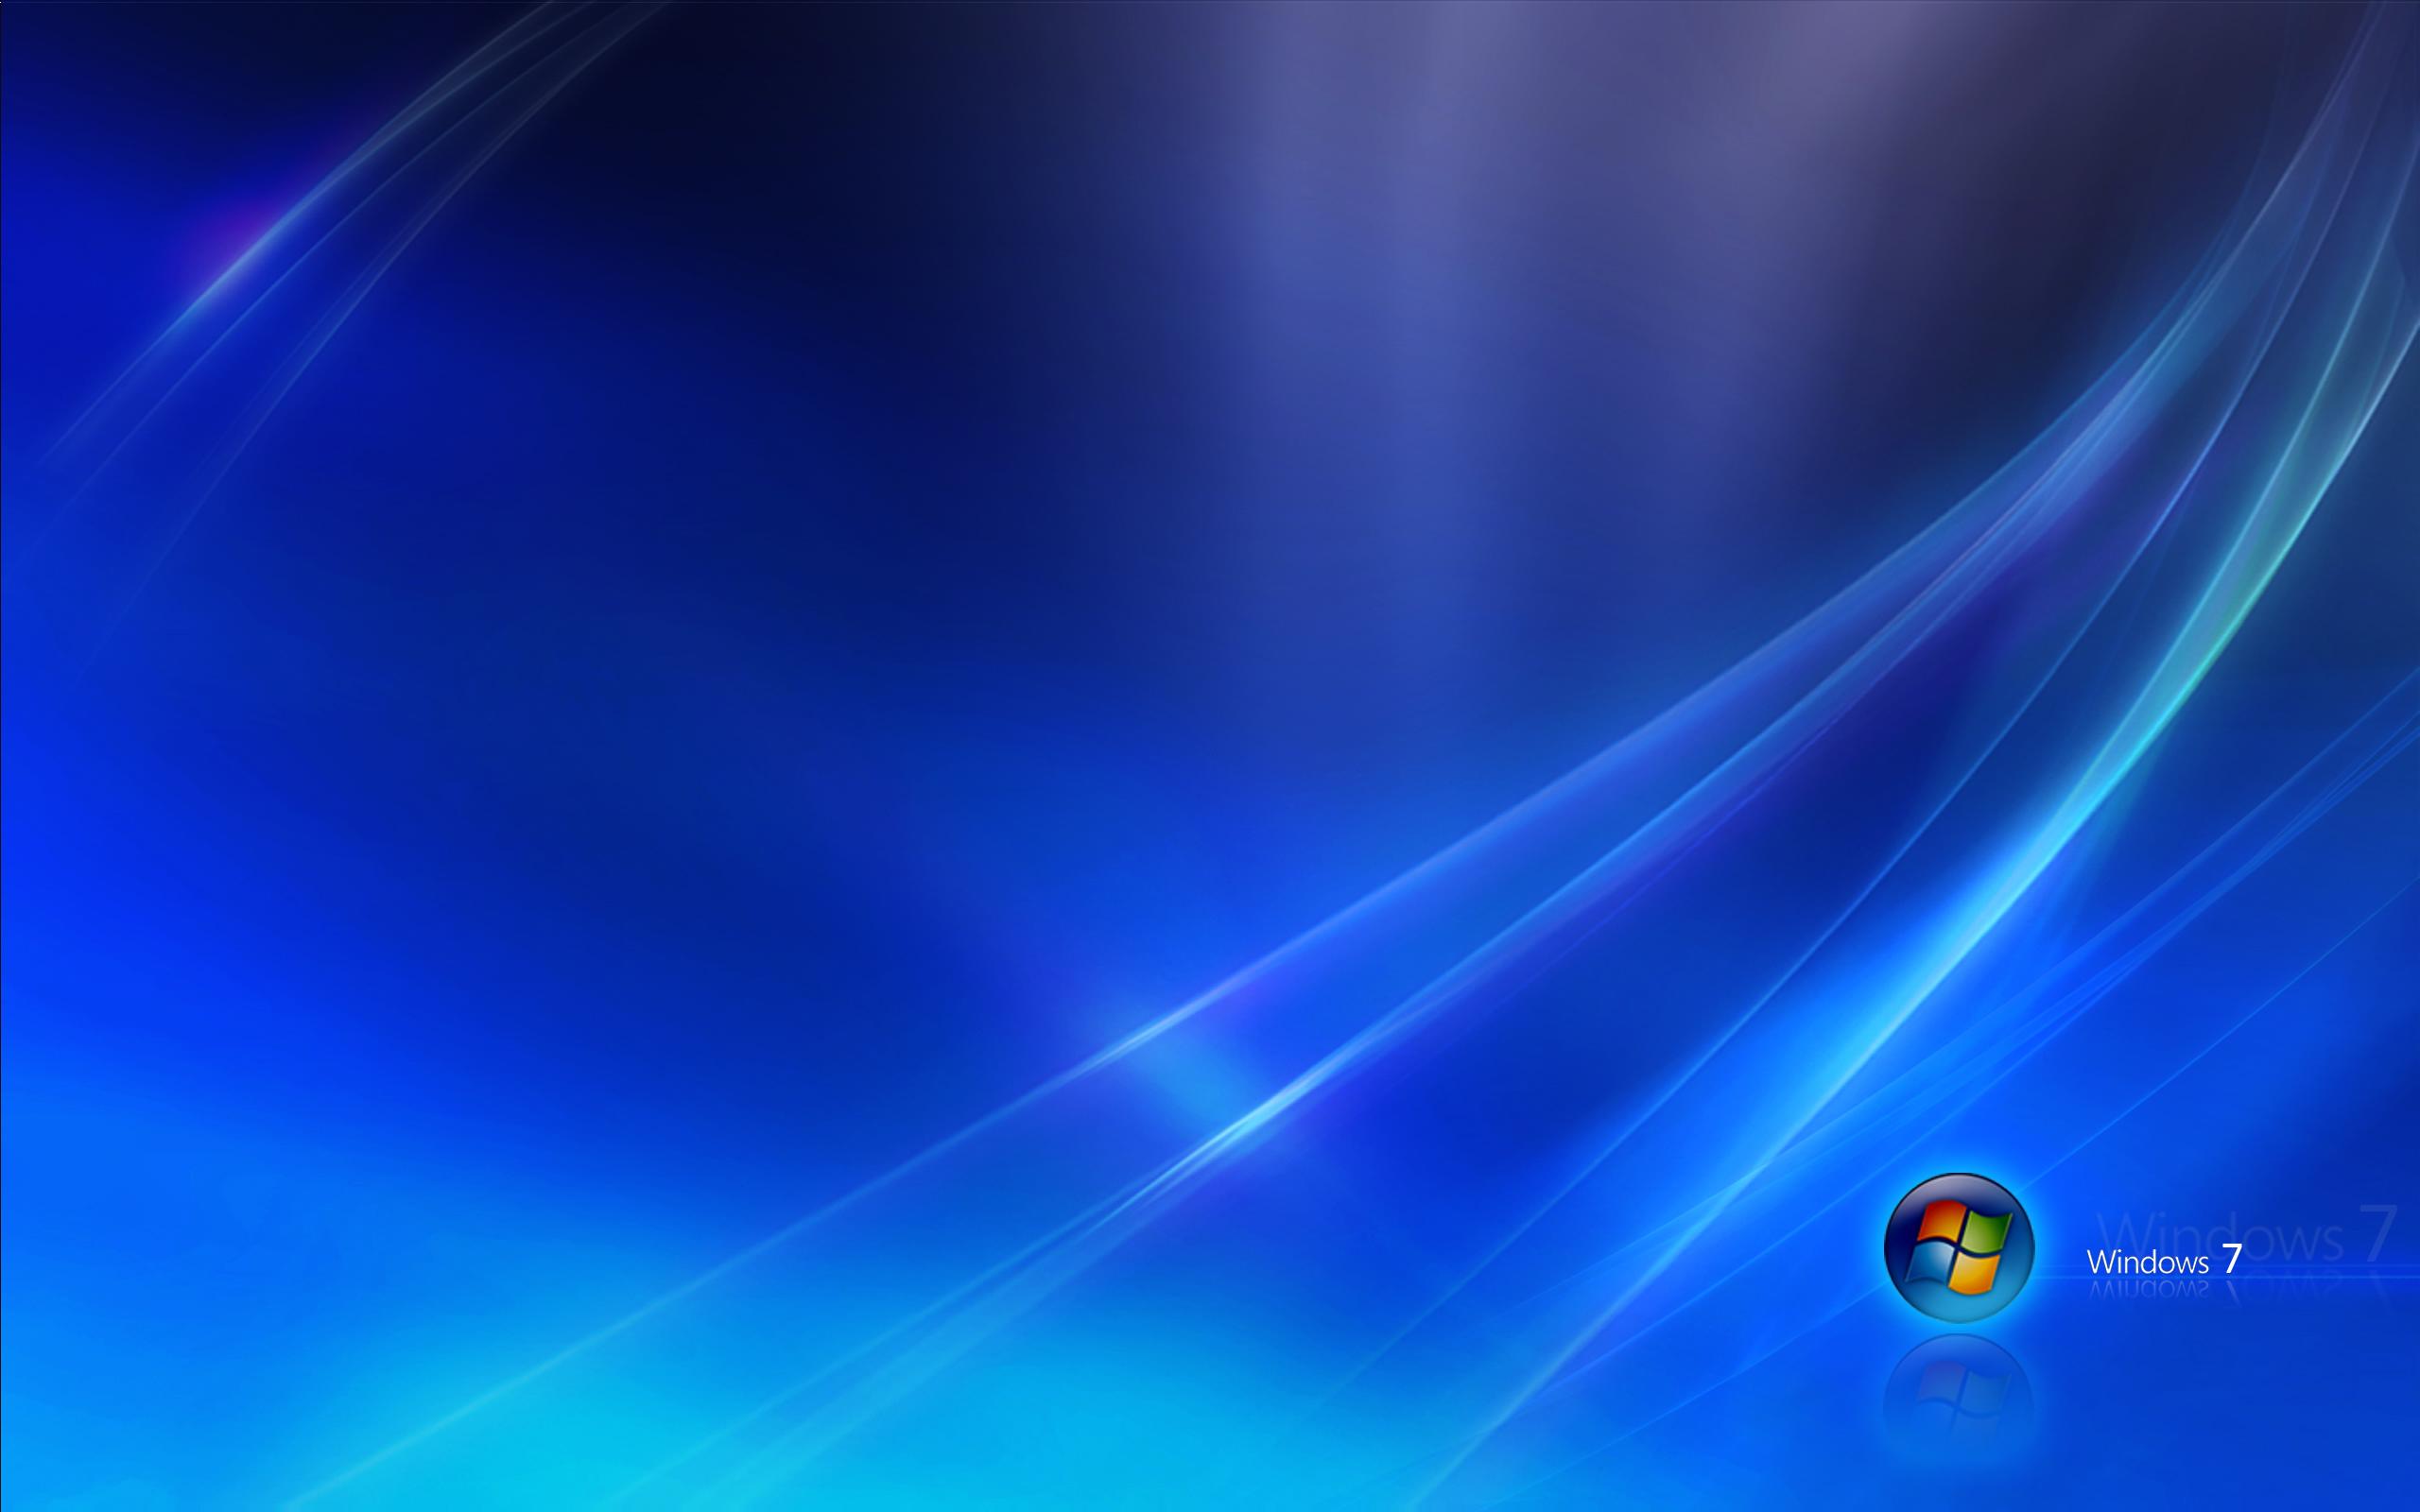 Top 10 Windows 7 Wallpapers 2560x1600